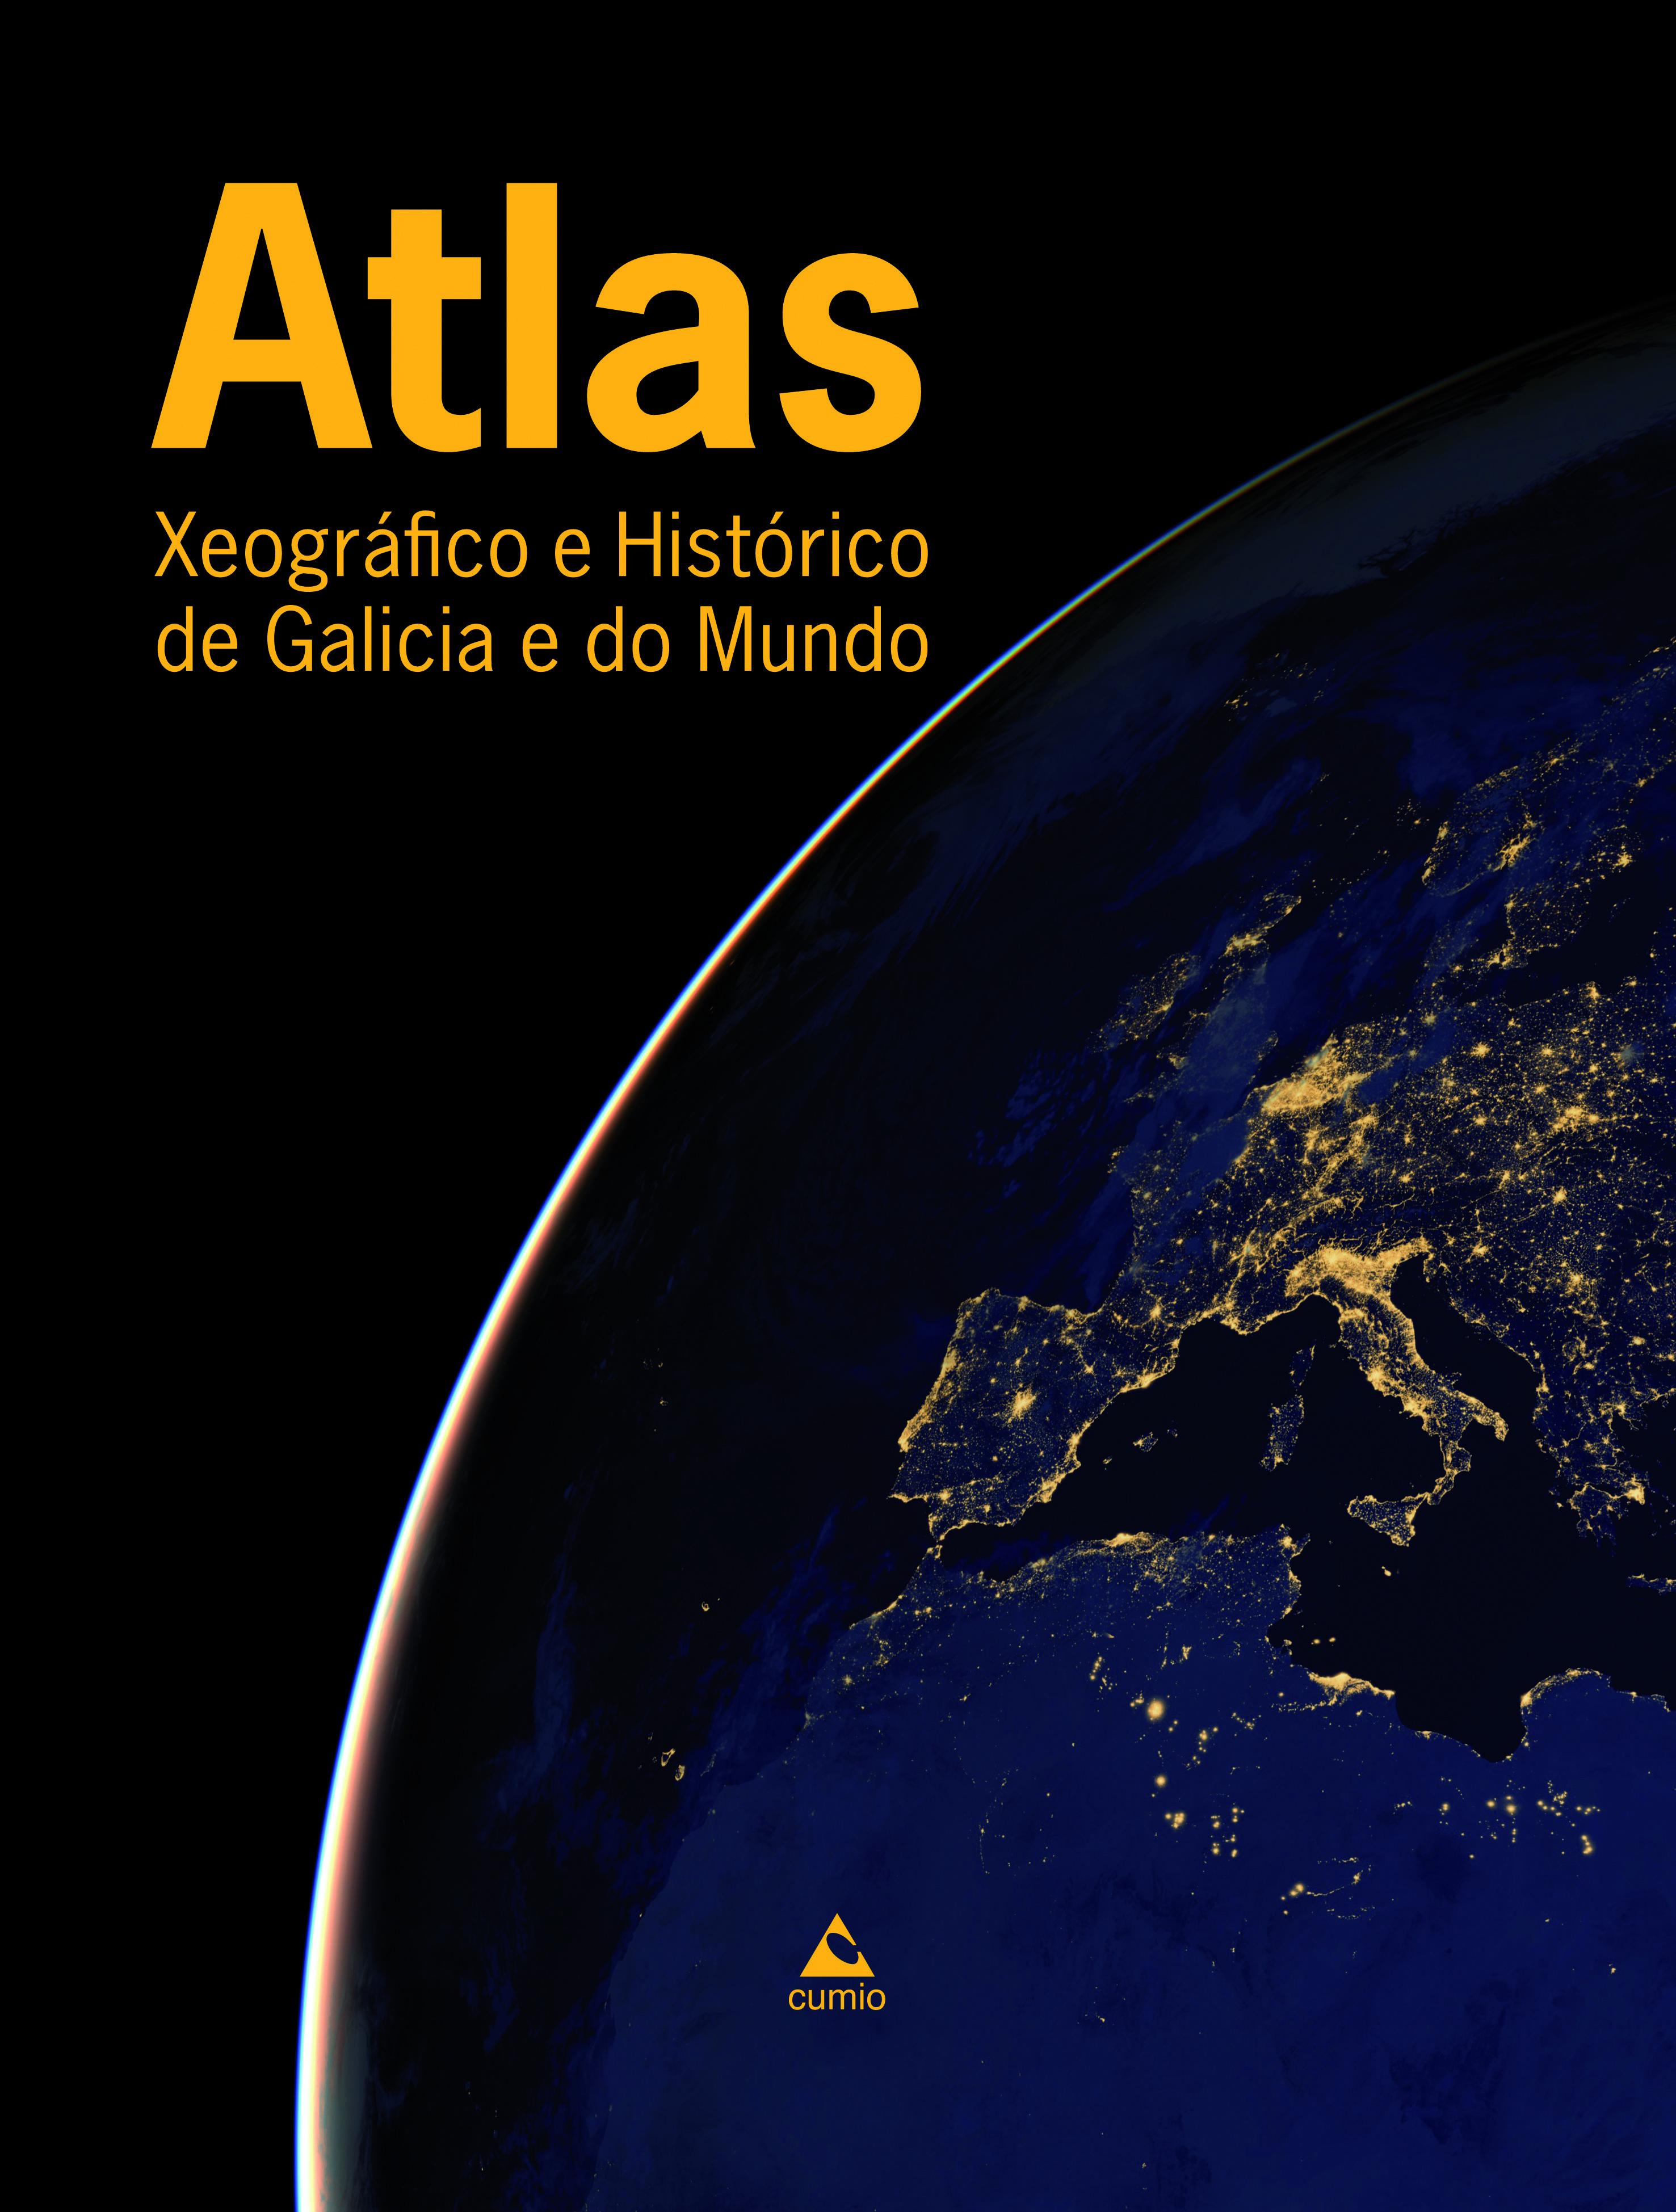 Resultado de imagen de ATLAS XEOGRAFICO E HISTORICO DE GALICIA